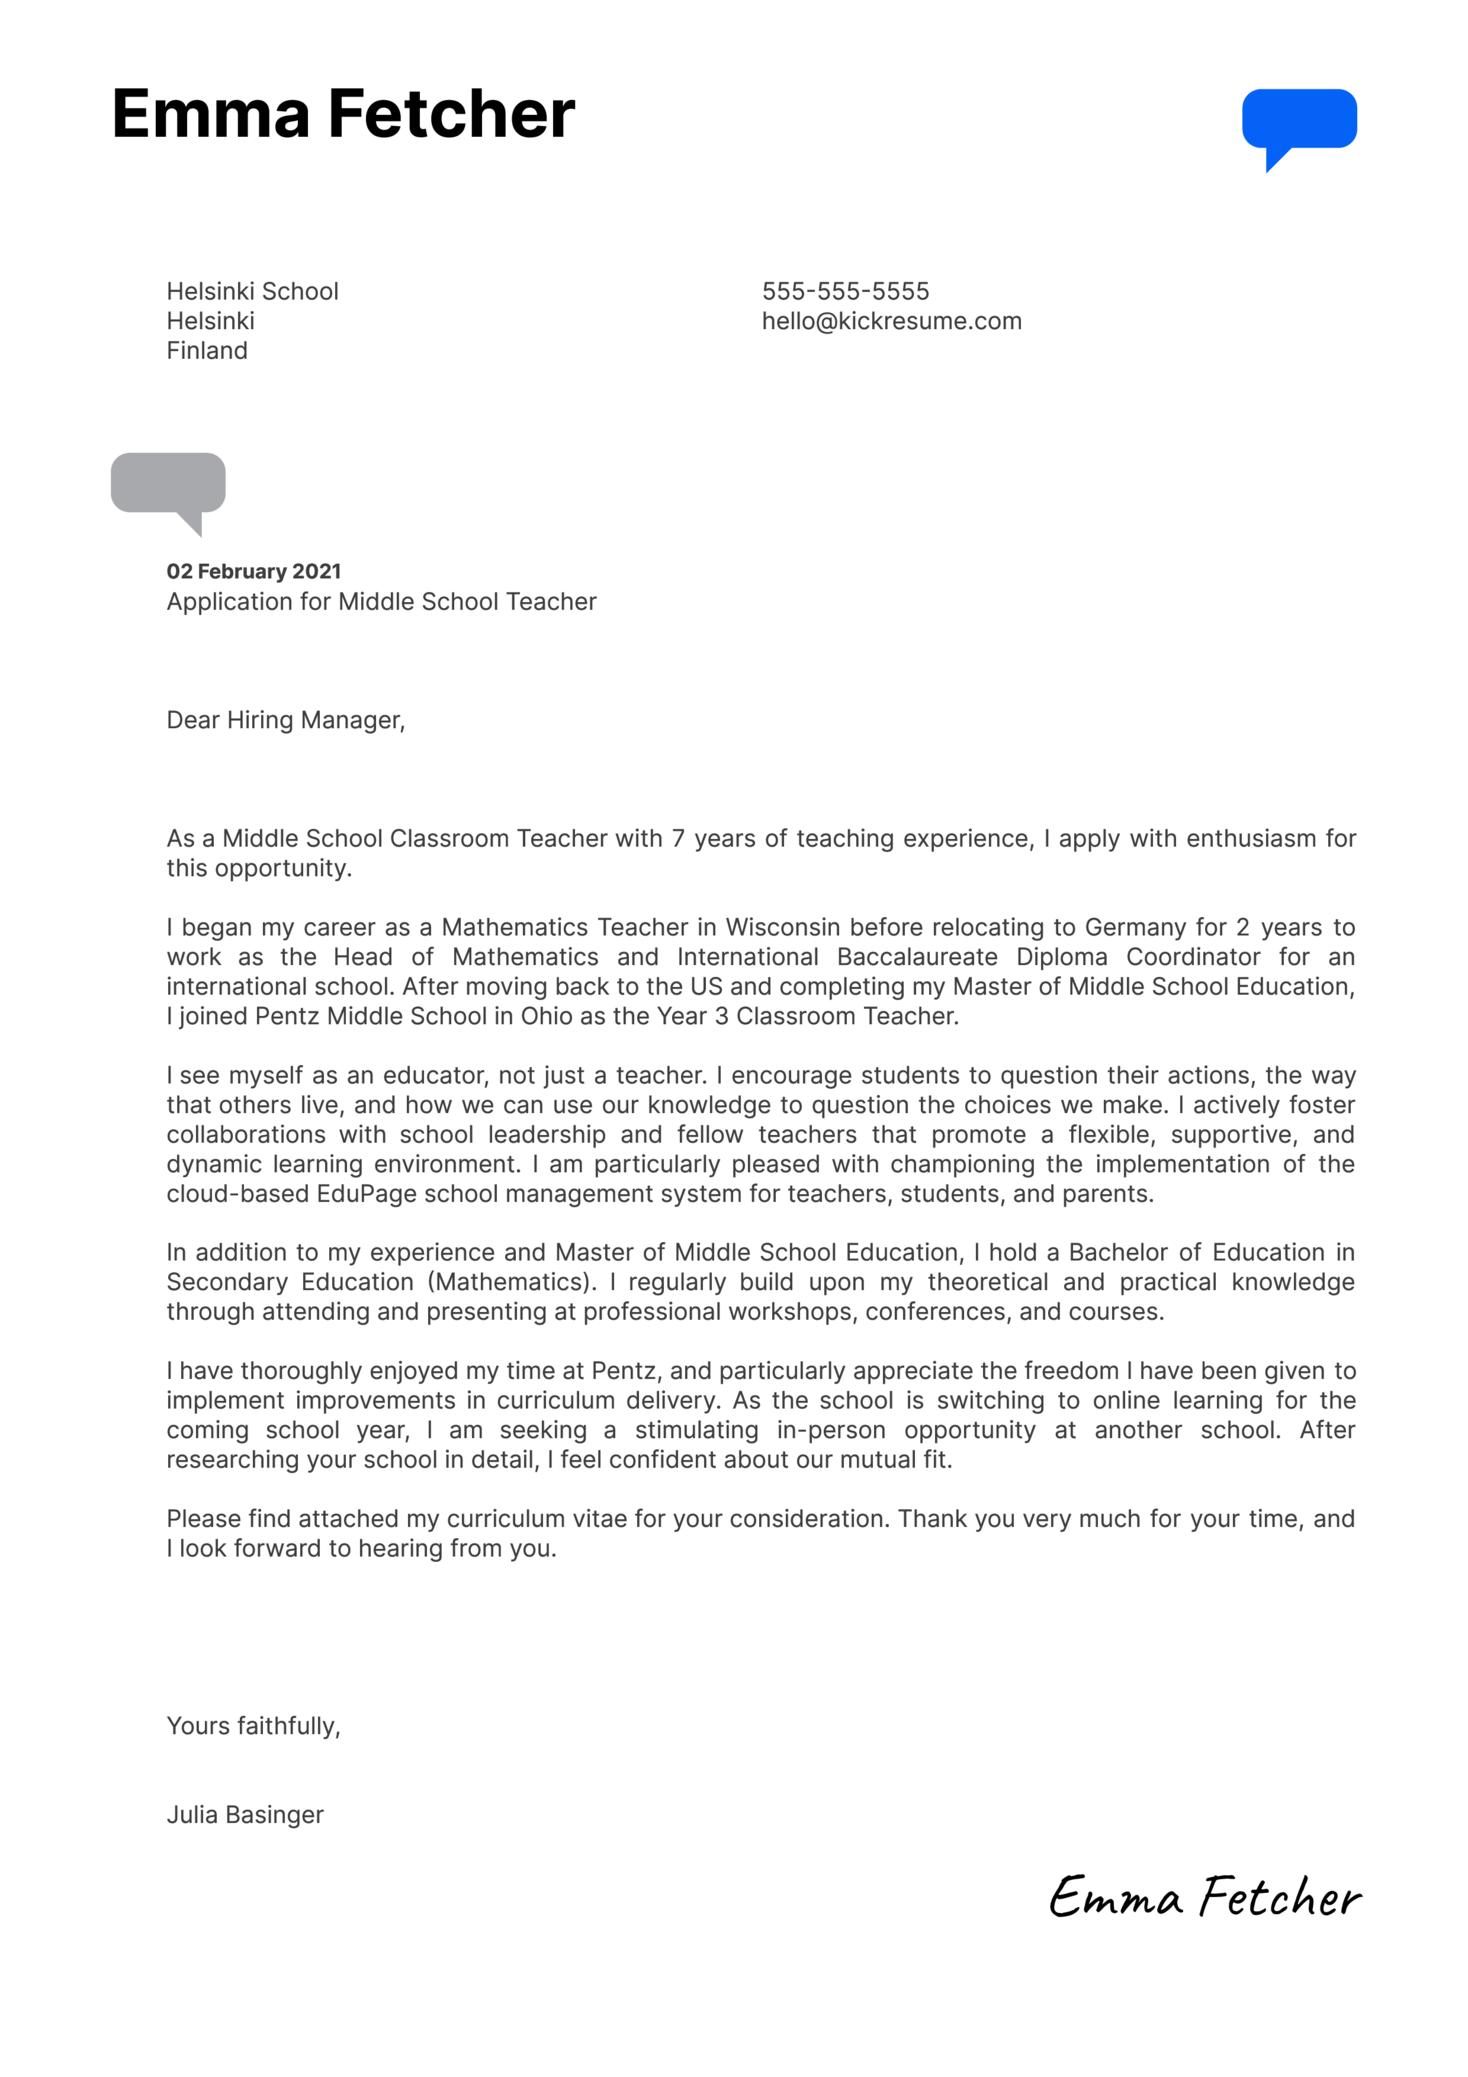 Middle School Teacher Cover Letter Sample